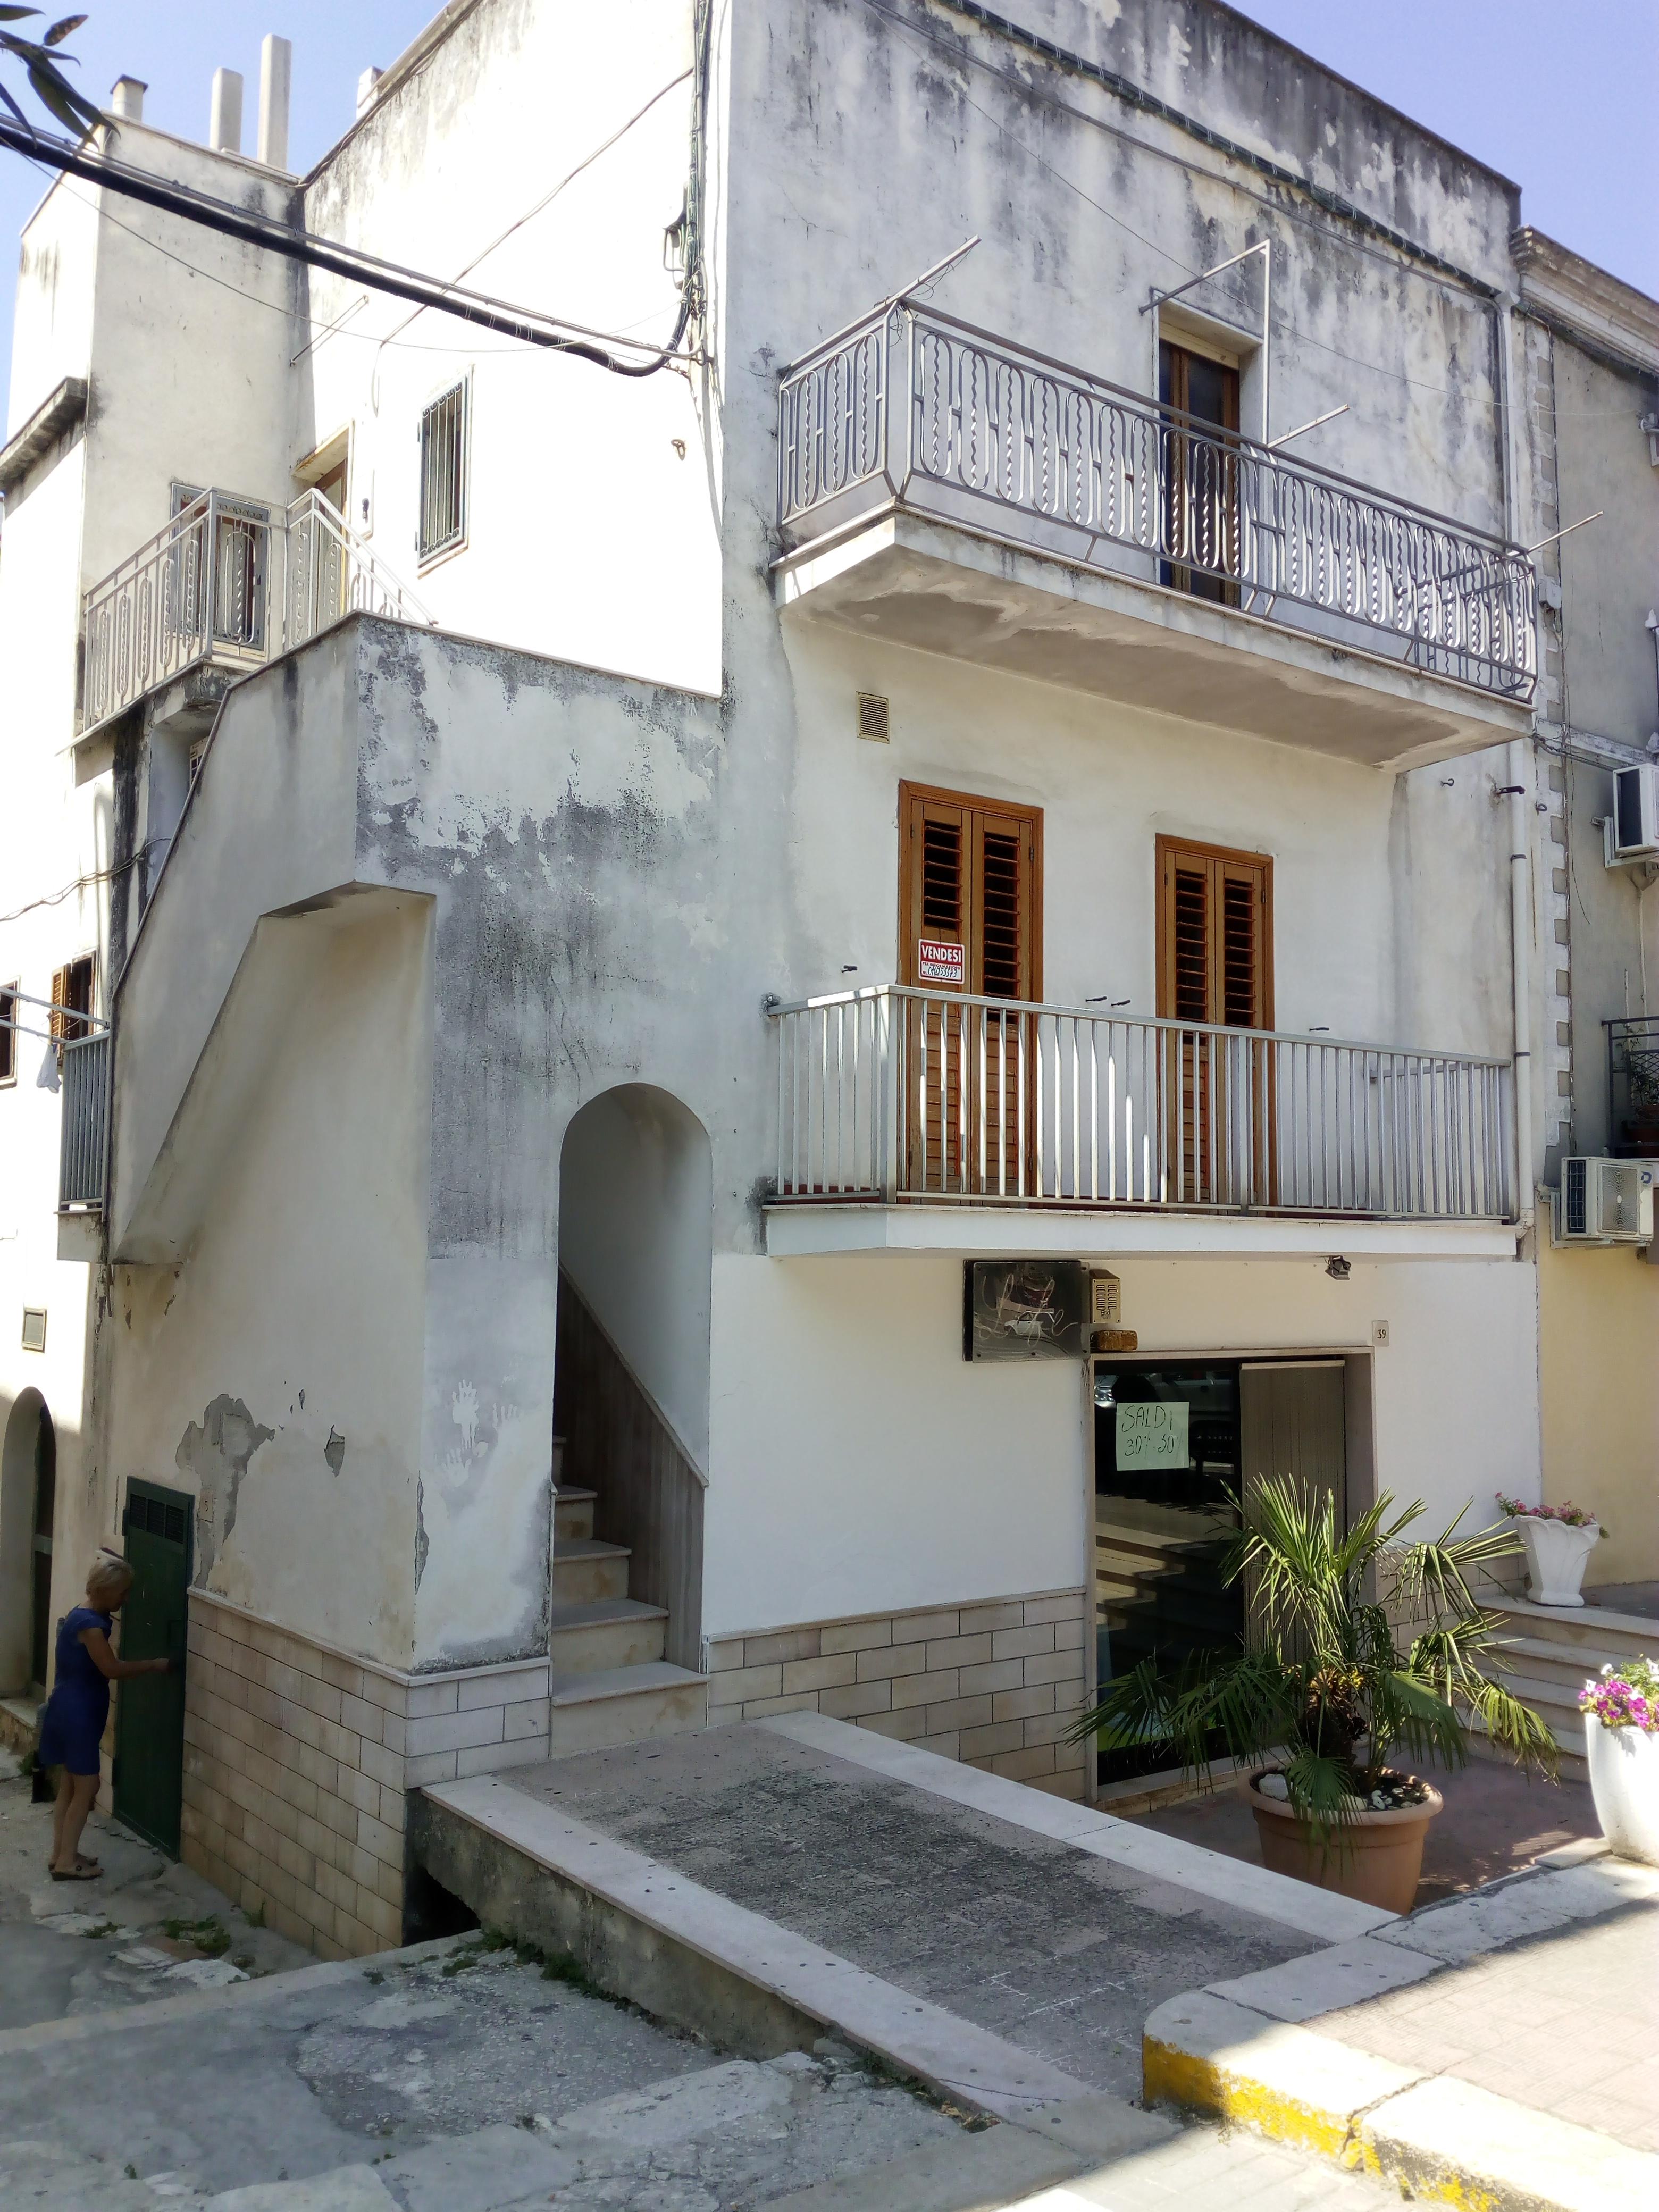 Appartamento in vendita a Ischitella, 3 locali, zona Località: Piazza, prezzo € 75.000   CambioCasa.it